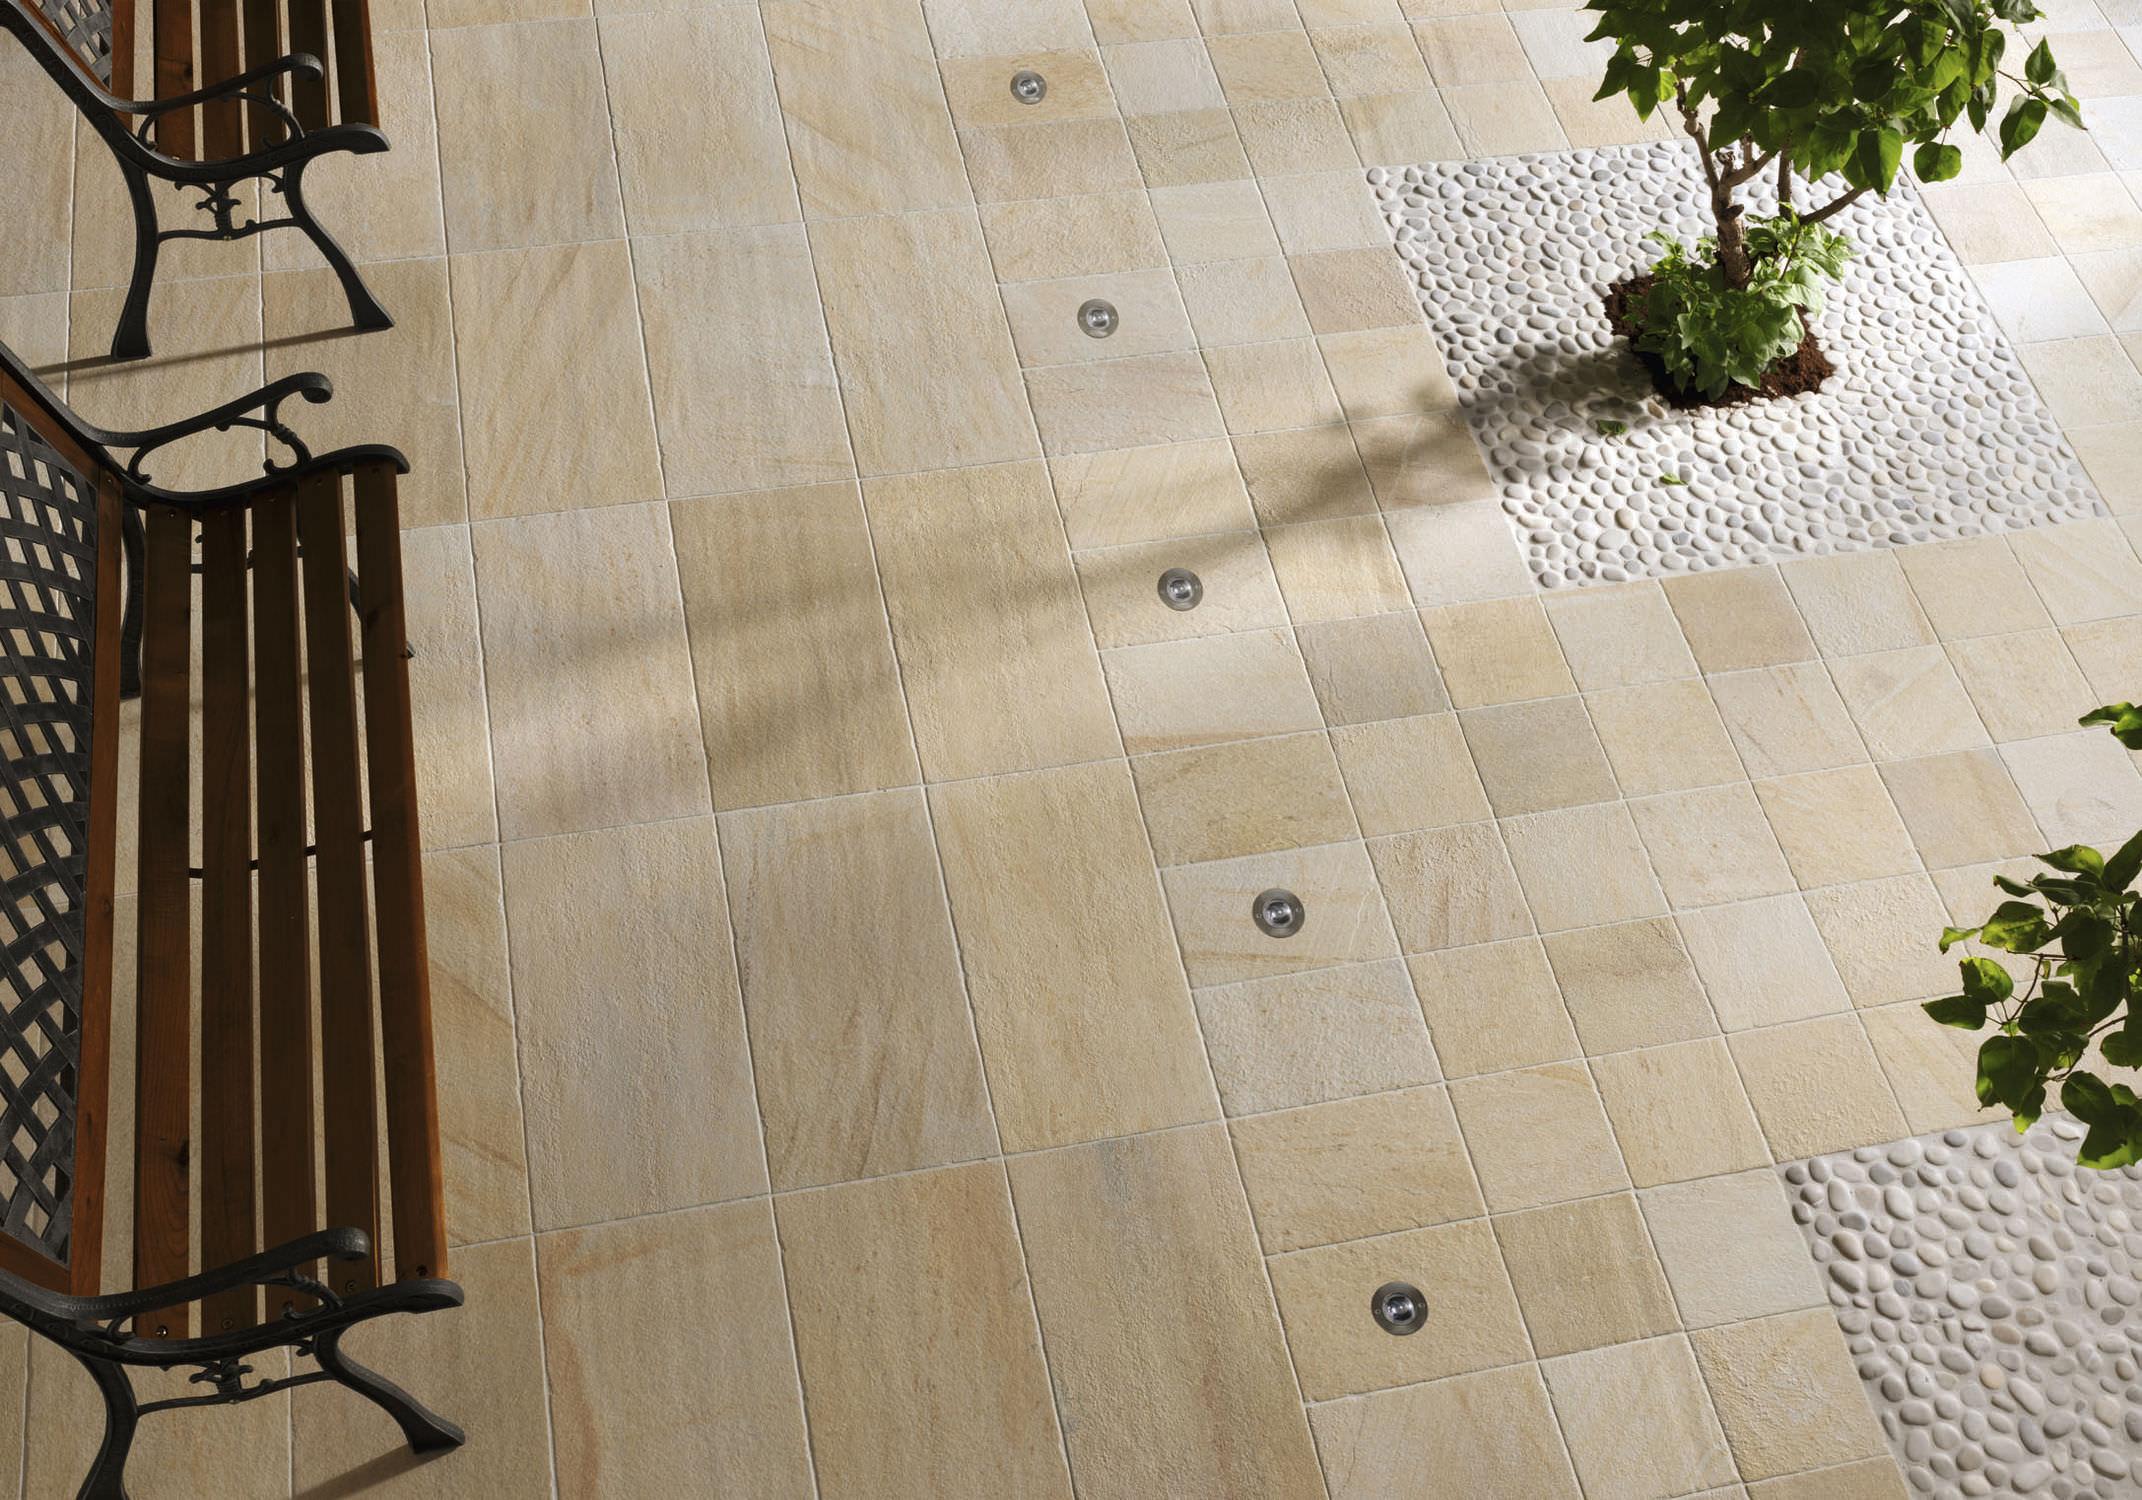 baldosa de exterior para pavimento de gres porcelnico de color liso bioarch barge gialla